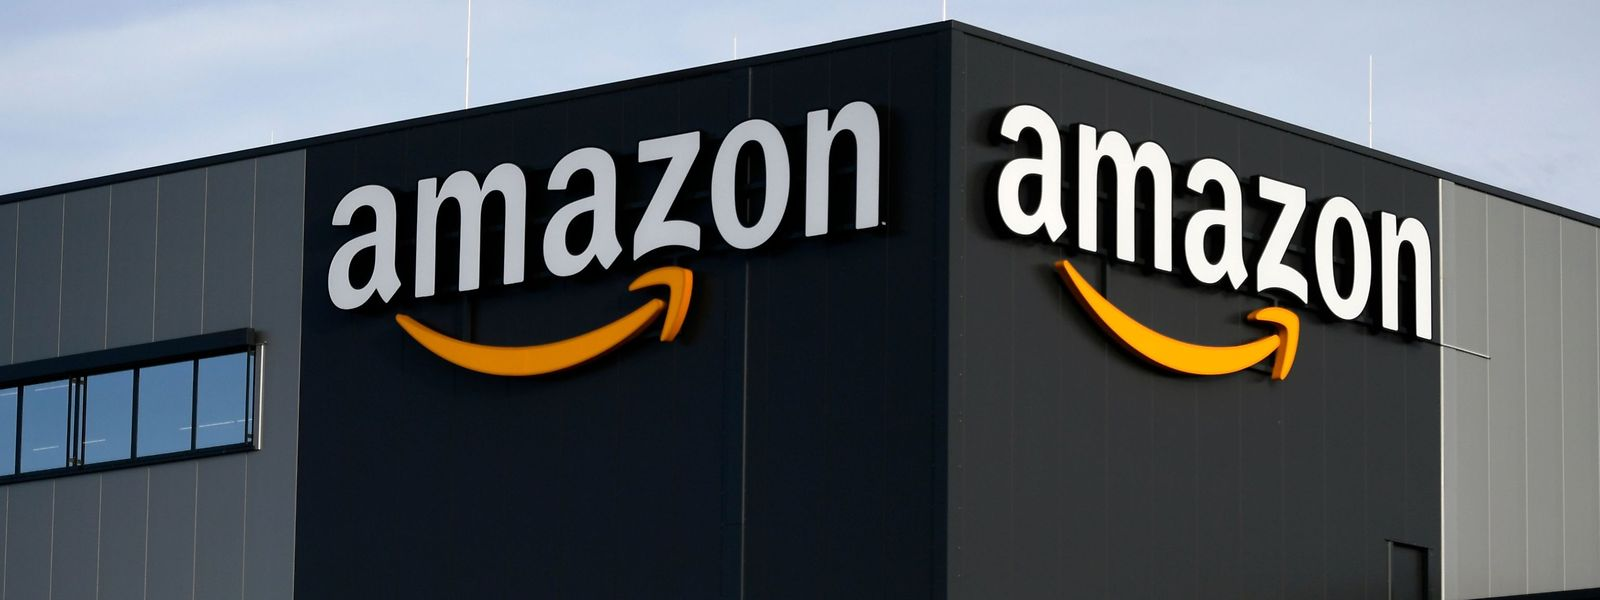 Amazon exploite actuellement 13 centres logistiques dans toute l'Allemagne et 40 en Europe.